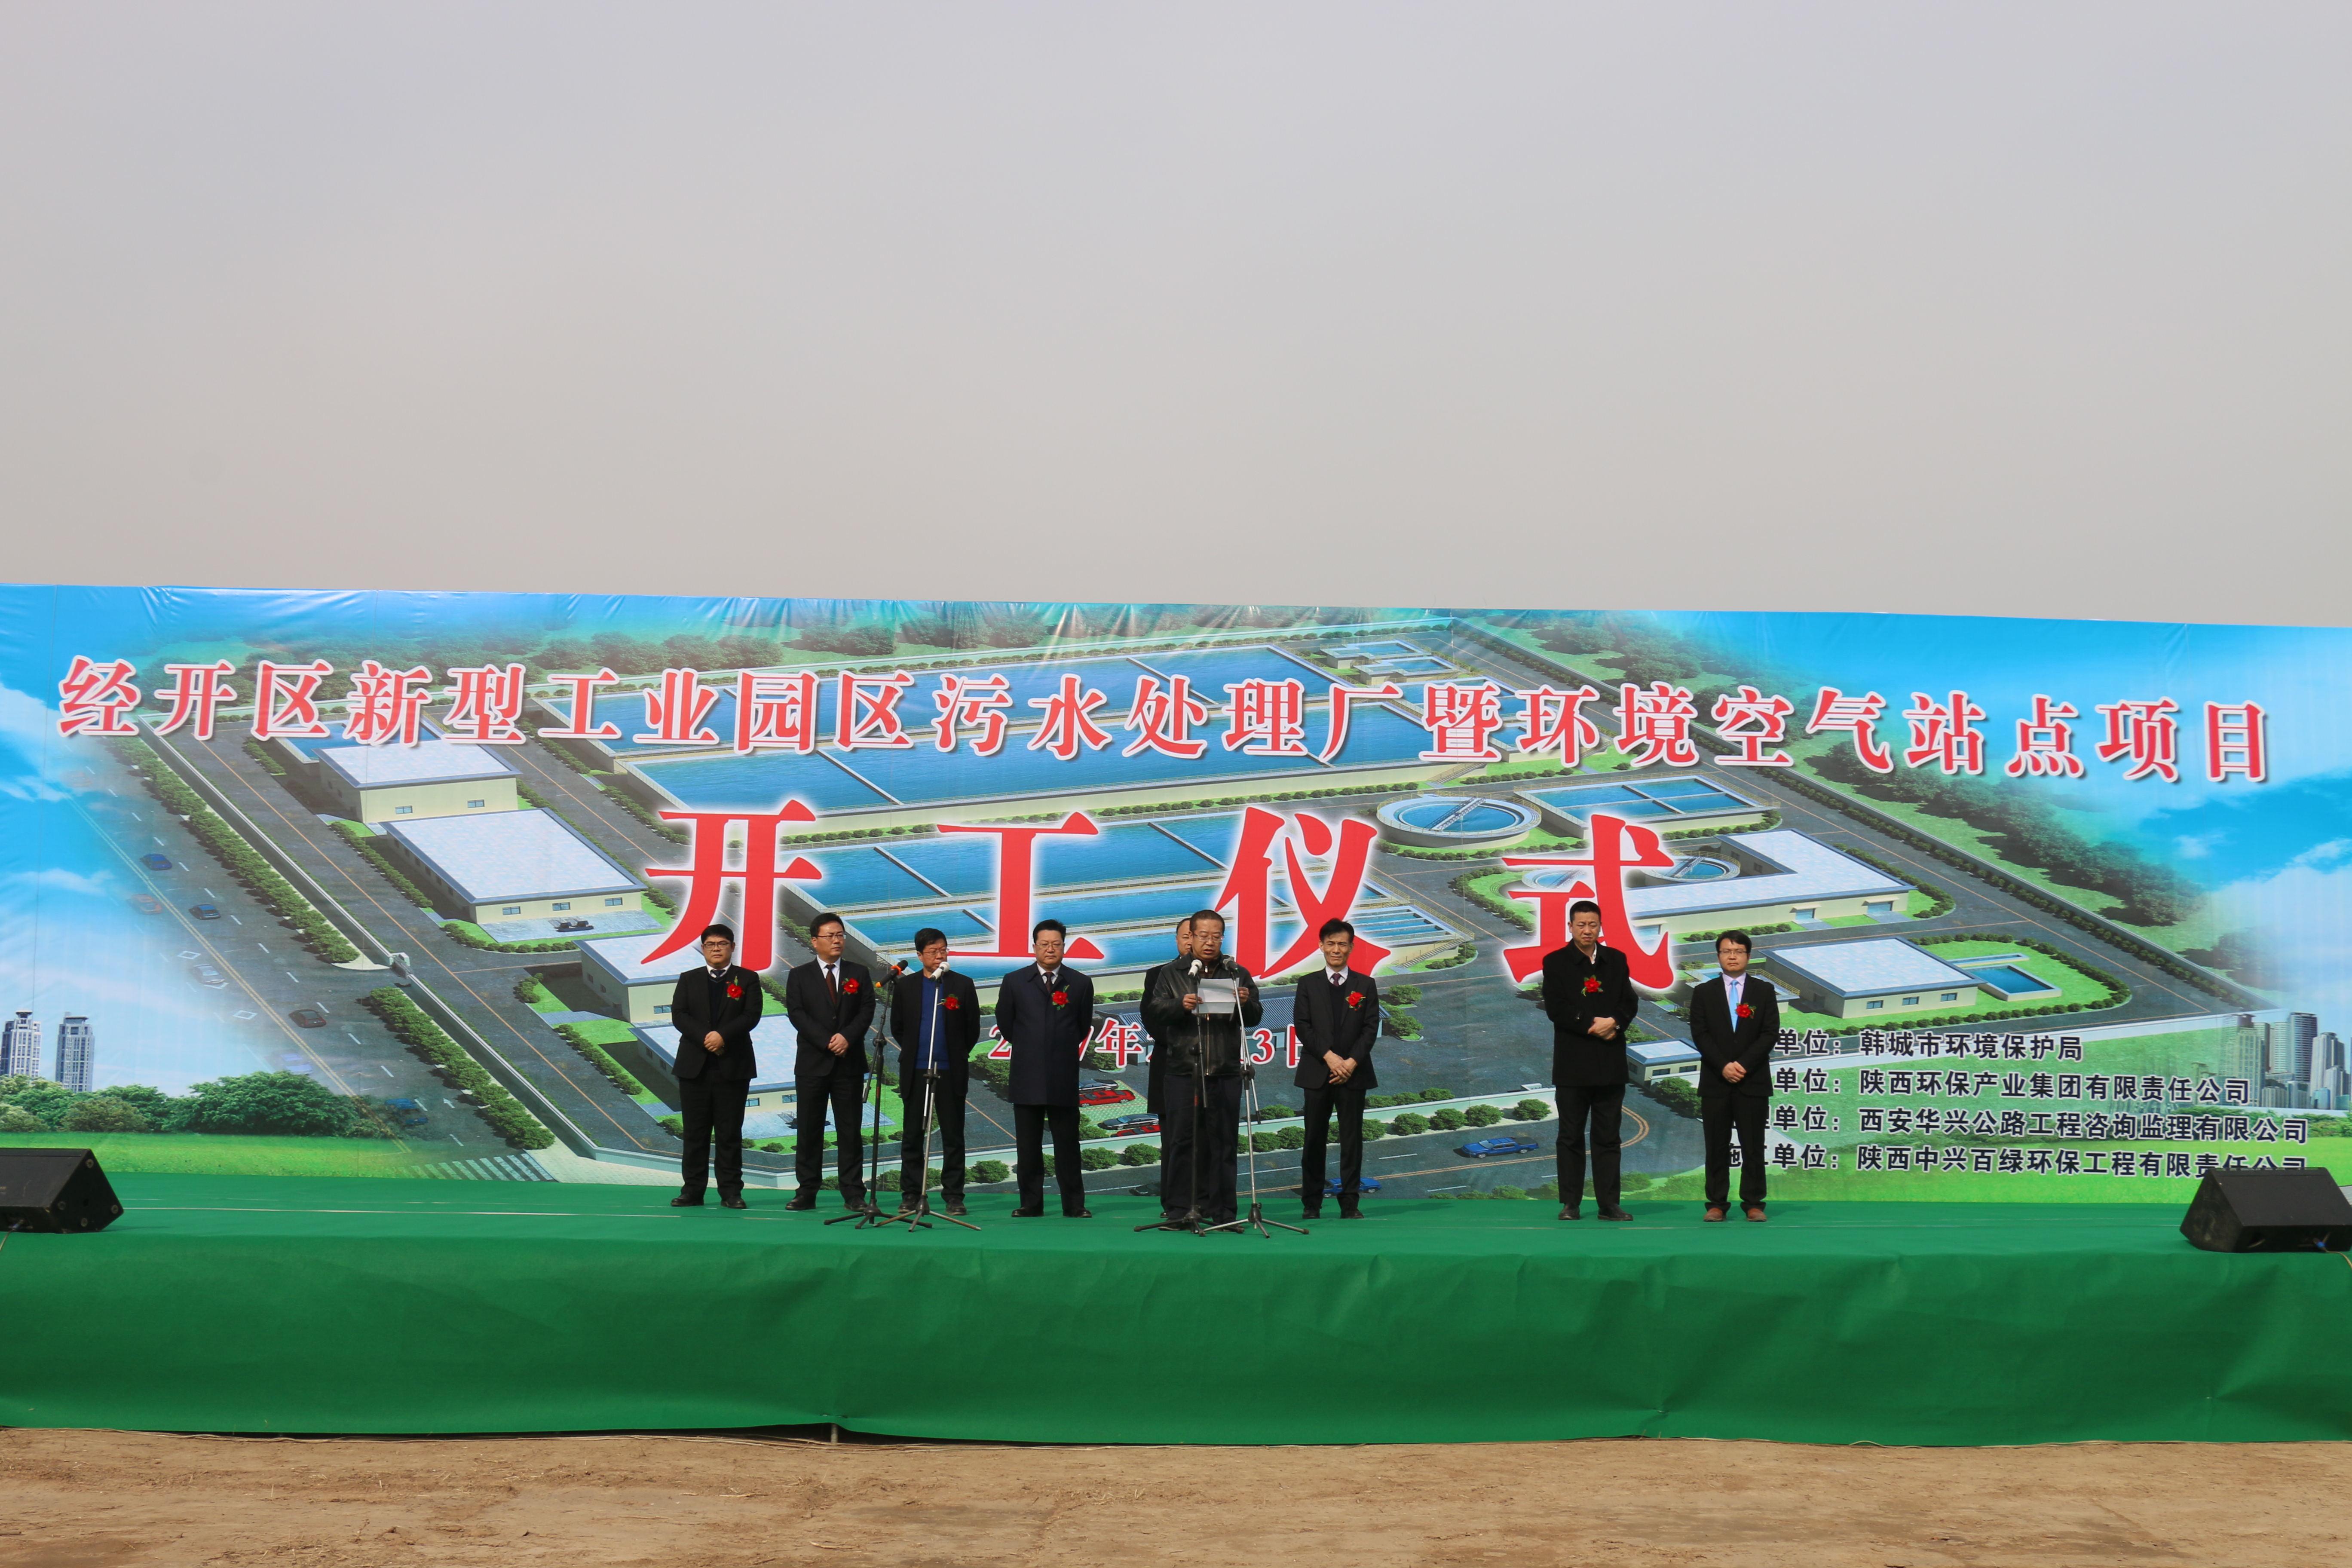 公司经开区污水处理厂暨乐天堂娱乐在线空气站点项目开工